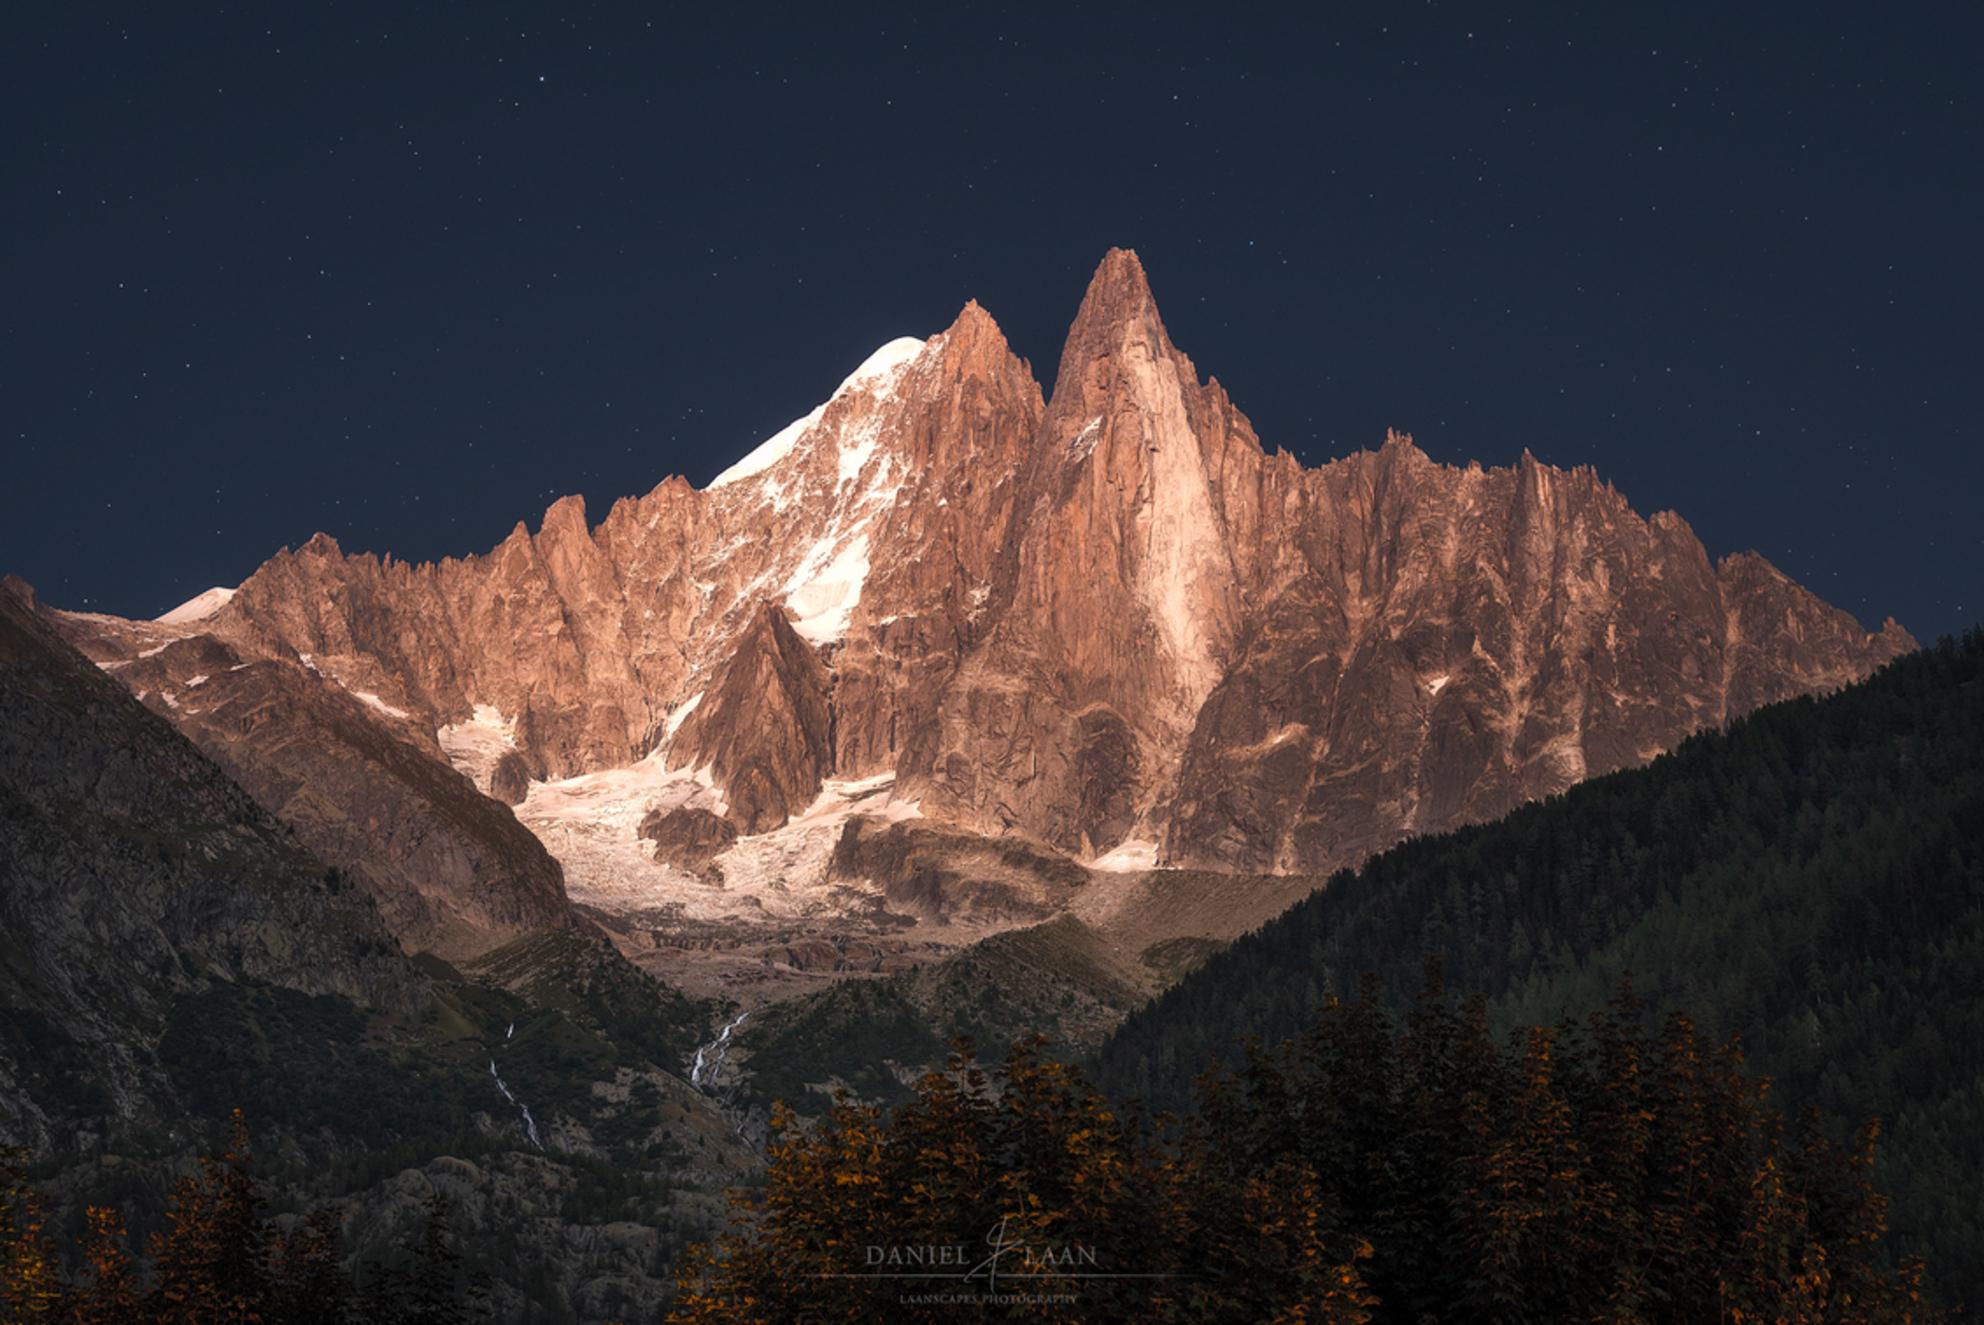 Alpine Enigma - Ik wist niet wat ik zag! Als je in de Alpen na zonsondergang het geduld op kunt brengen om nog even op het avondeten te wachten, belonen de bergen je - foto door Laanscapes op 31-08-2019 - deze foto bevat: zonsondergang, frankrijk, bergen, nacht, alpen, alpengloed - Deze foto mag gebruikt worden in een Zoom.nl publicatie